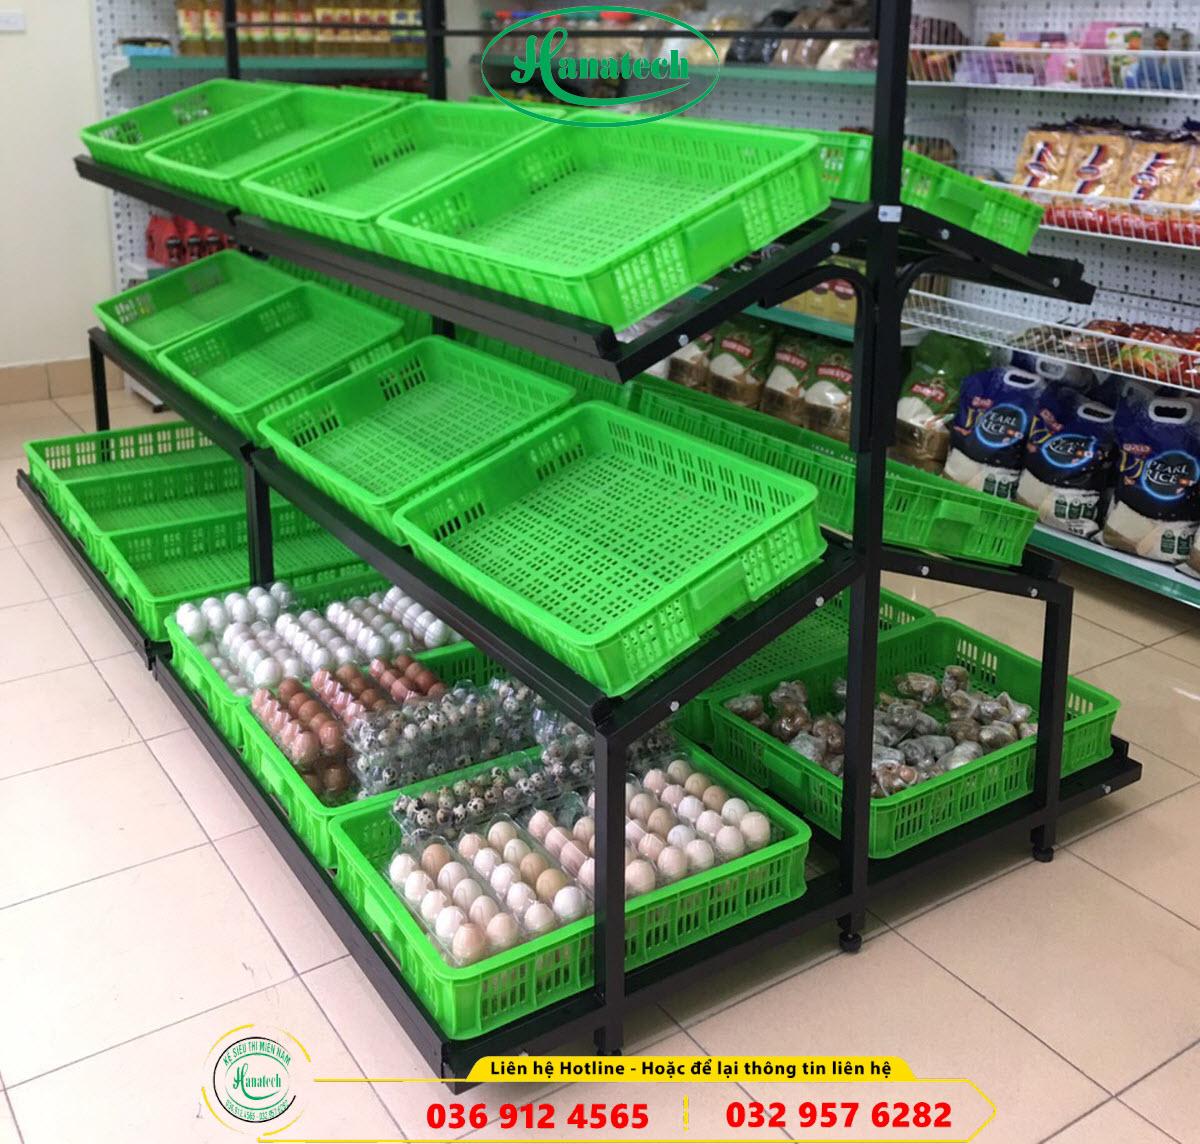 Giá kệ siêu thị trưng bày rau củ quả trái cây